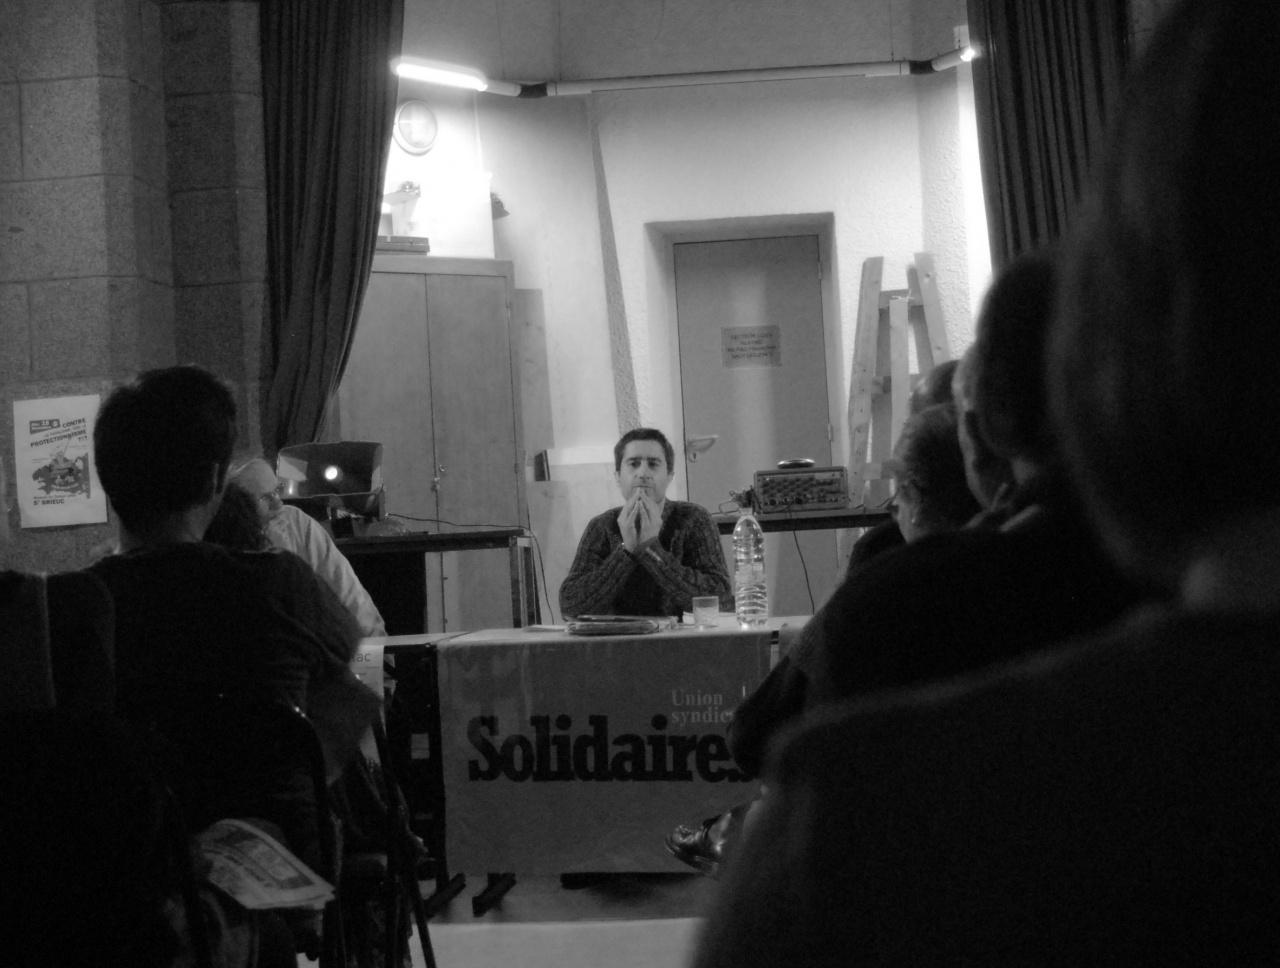 St Brieuc 16 nov 2011